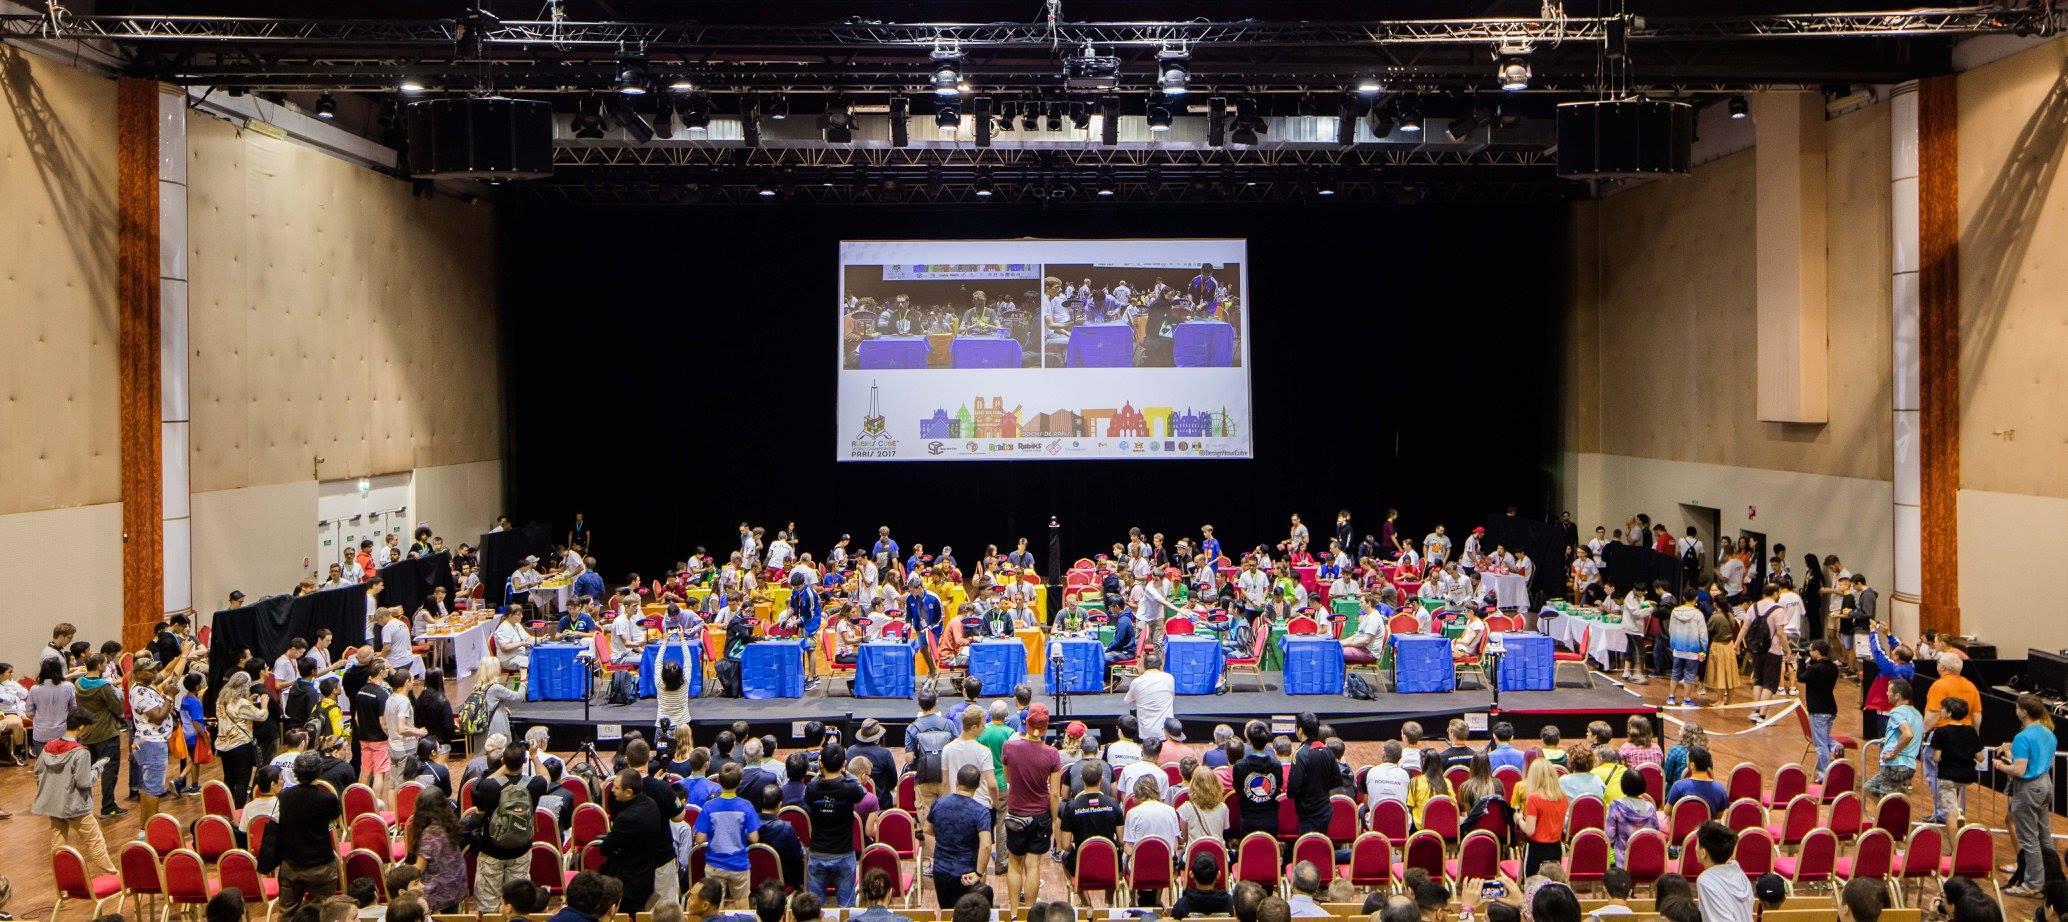 Championnats du monde de Rubik's cube